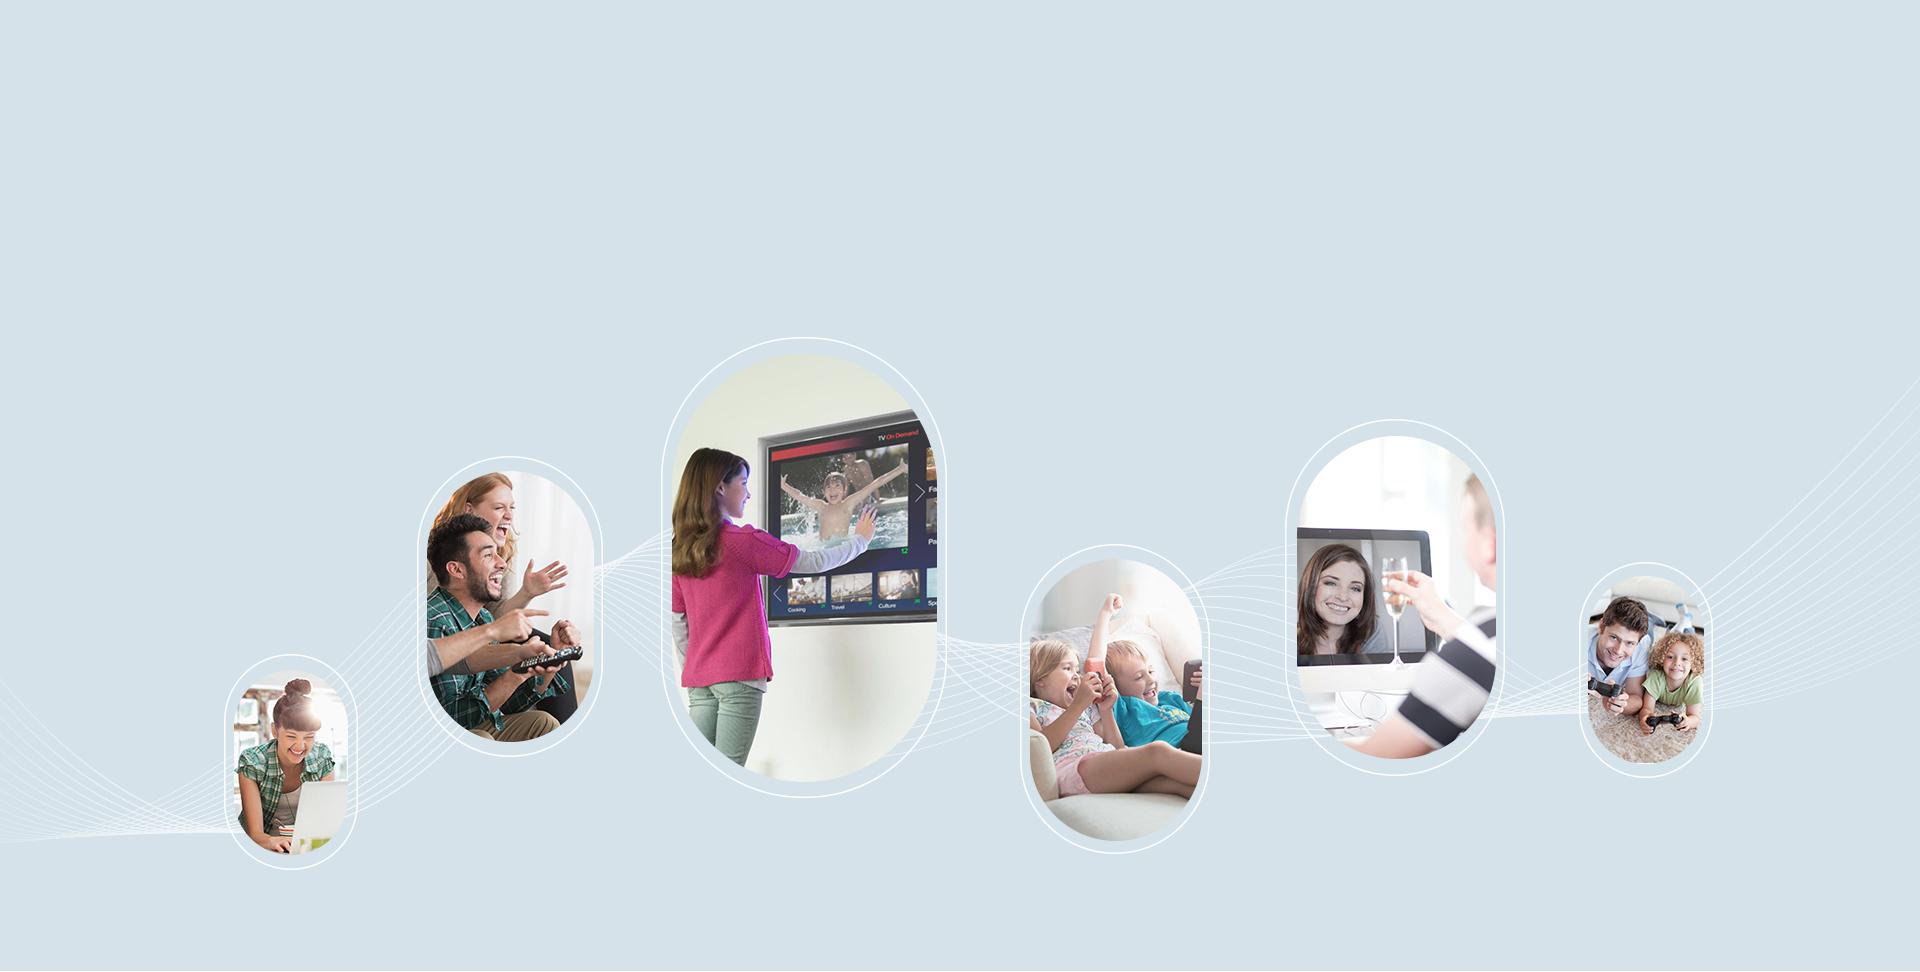 Bộ Phát Wifi Router 4G LTE 300Mbps TP-Link TL-MR6400 - Hàng Chính Hãng